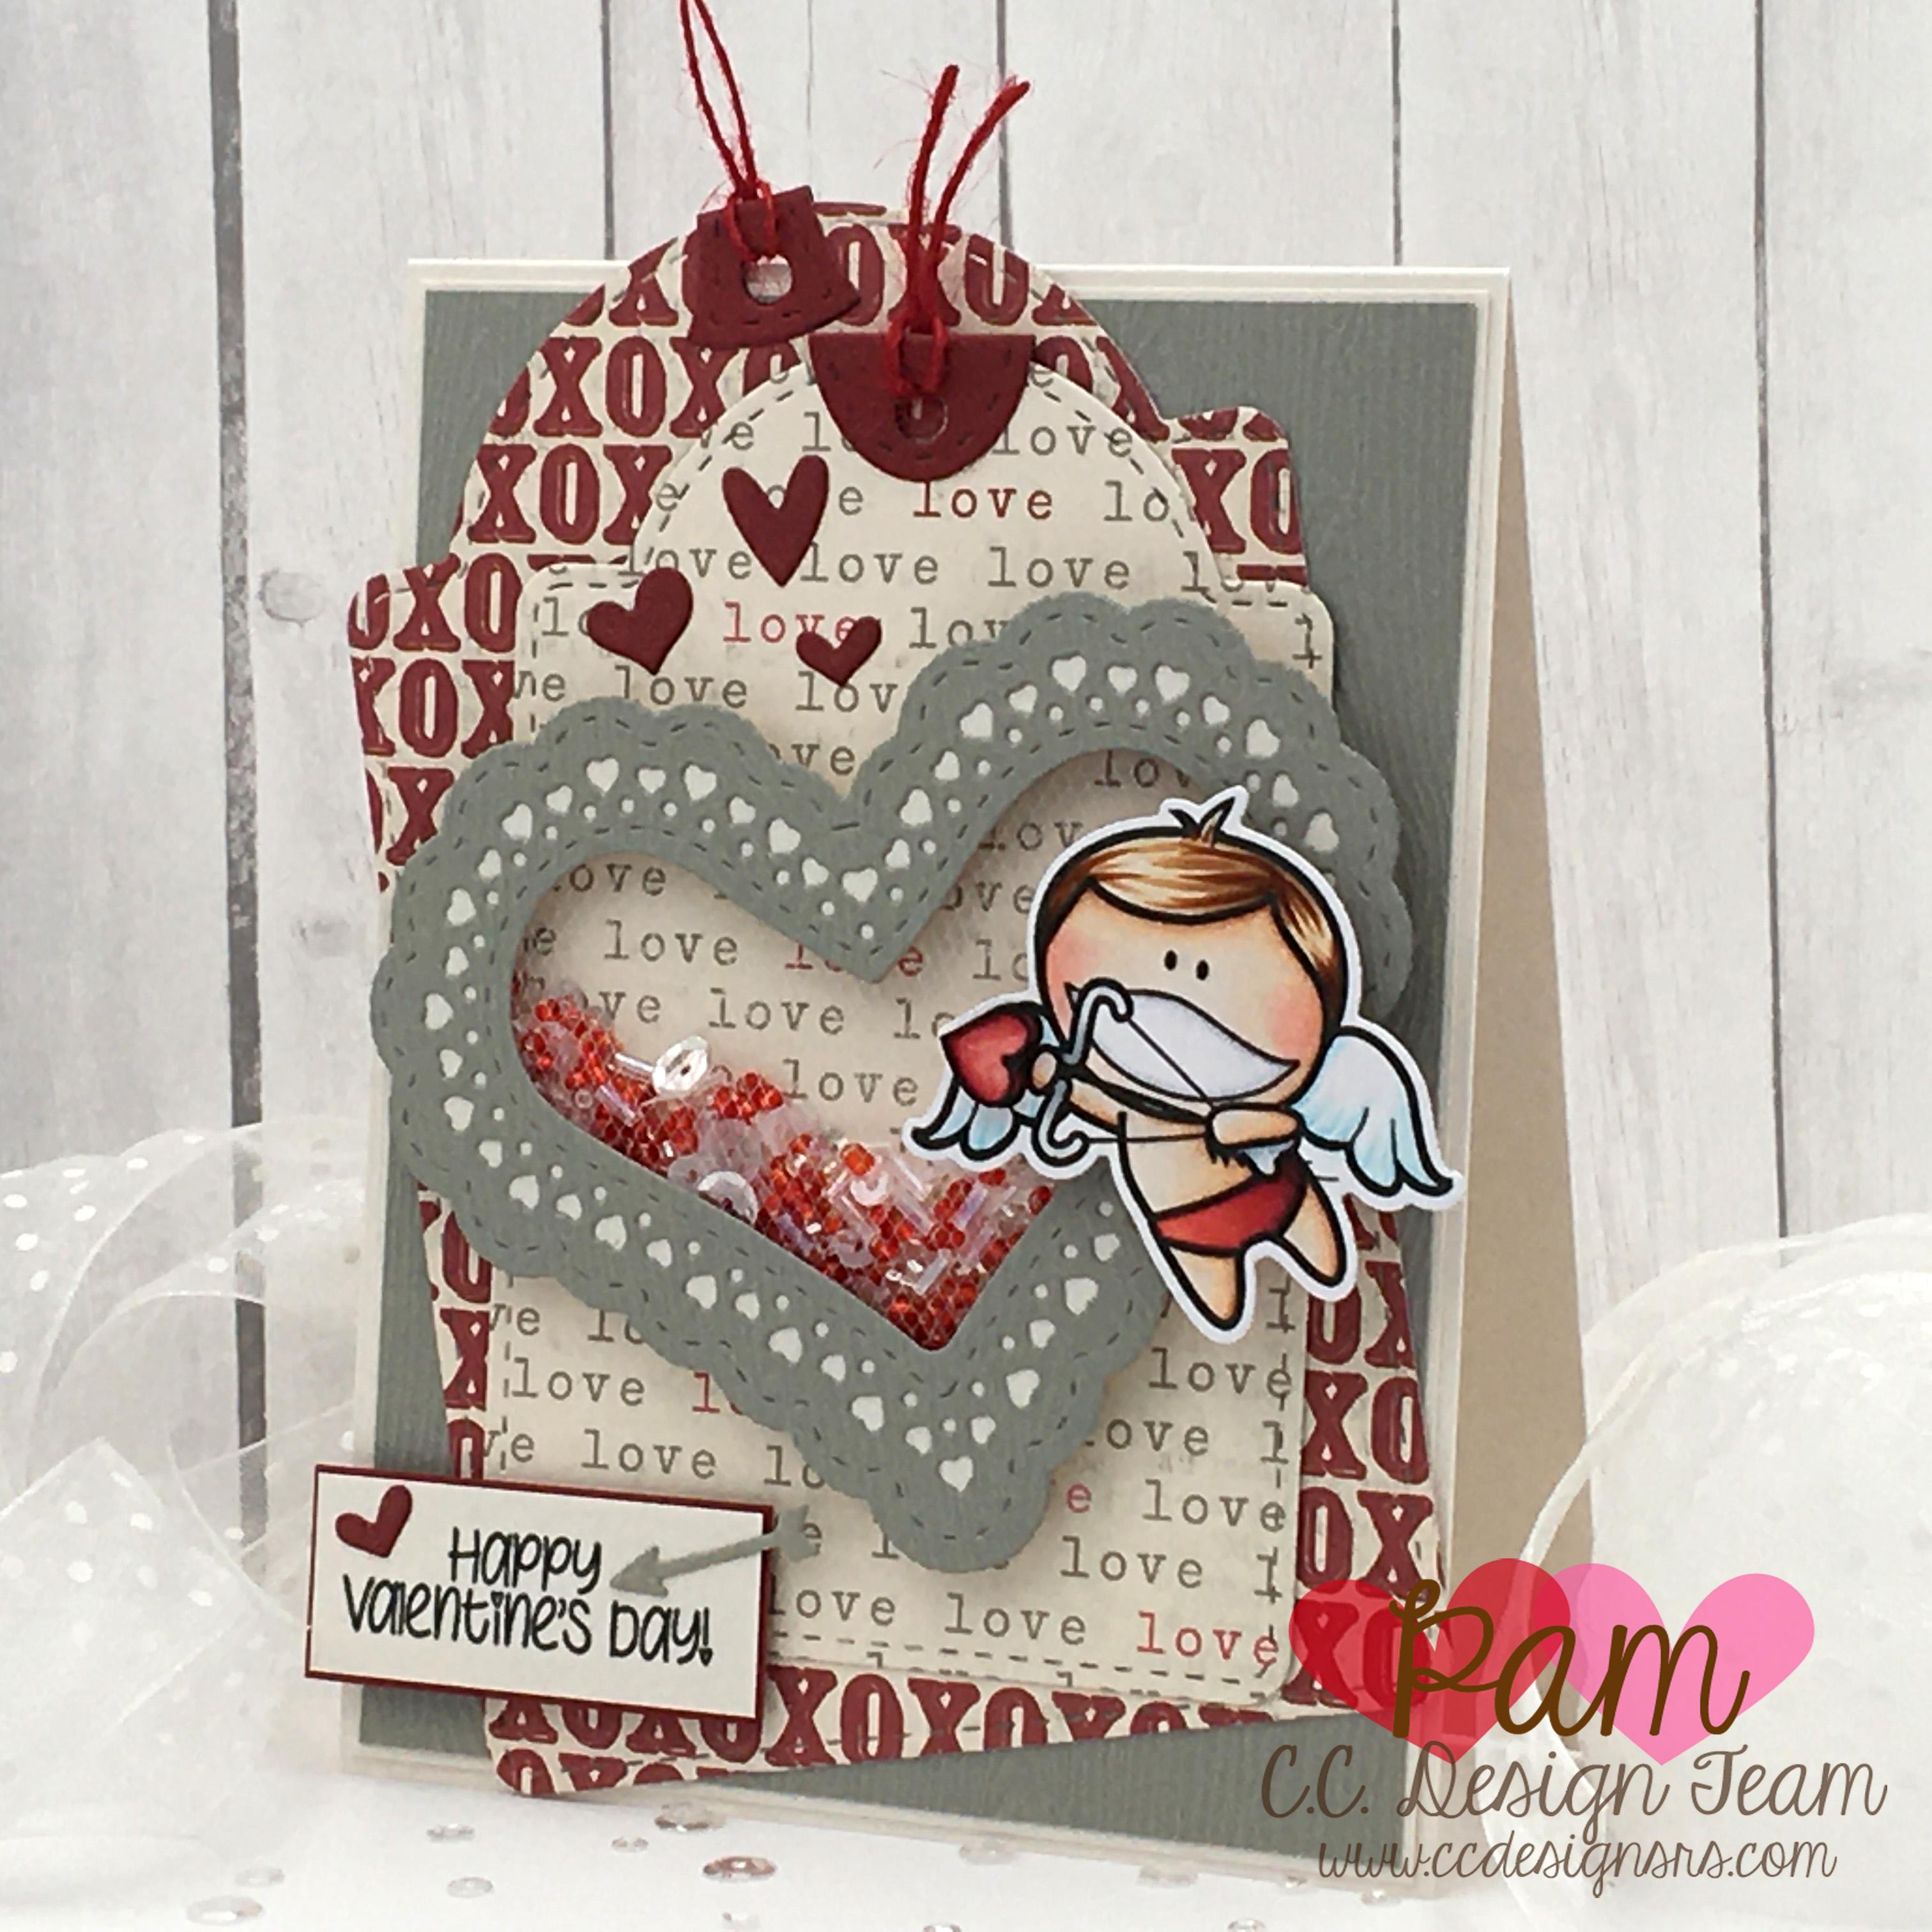 Happy Valentine's Day1